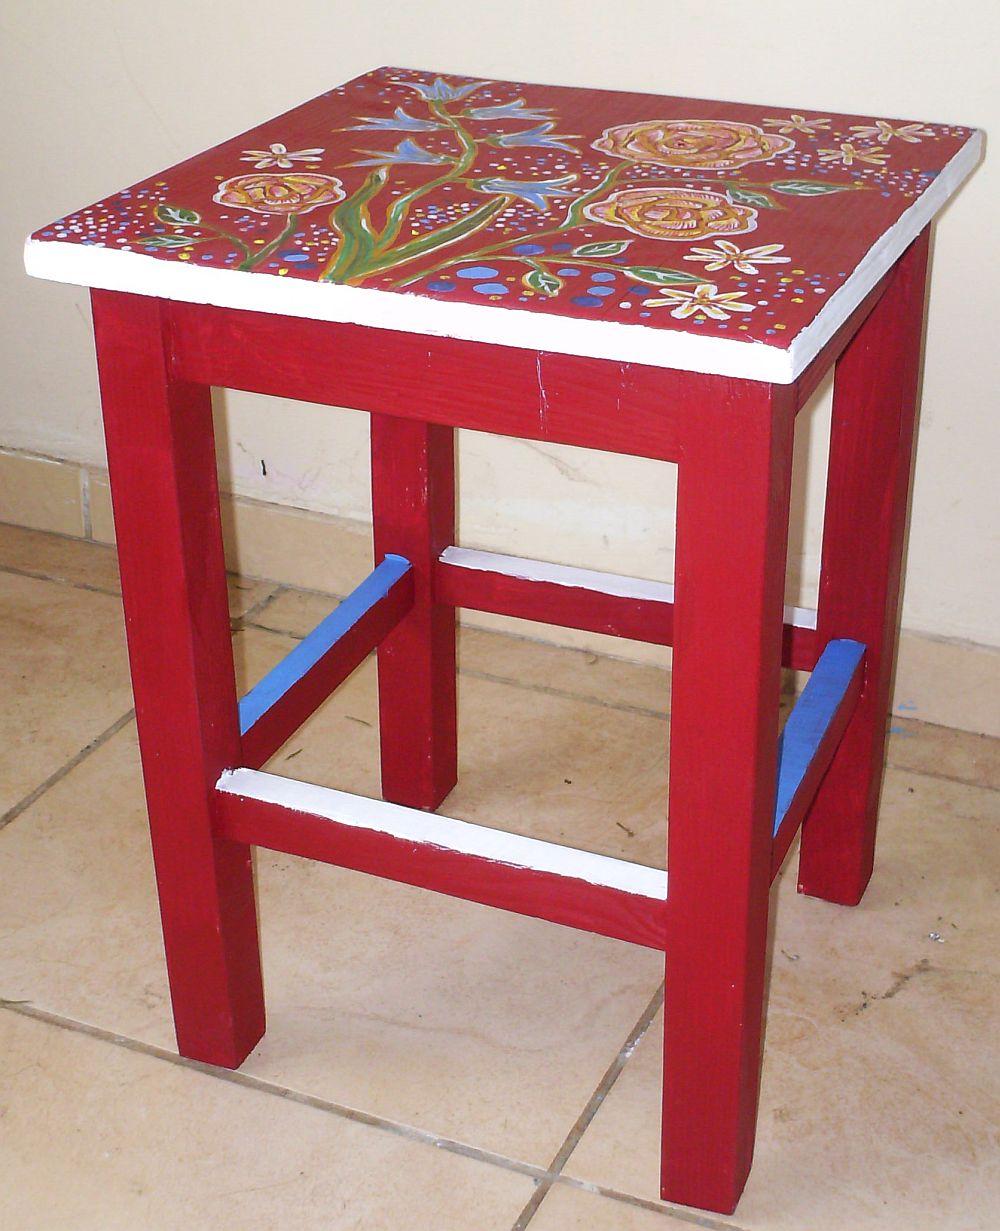 adelaparvu.com despre mobila pictata, cufere, lazi pictate, taburete pictate, artist Agnes Ile (9)